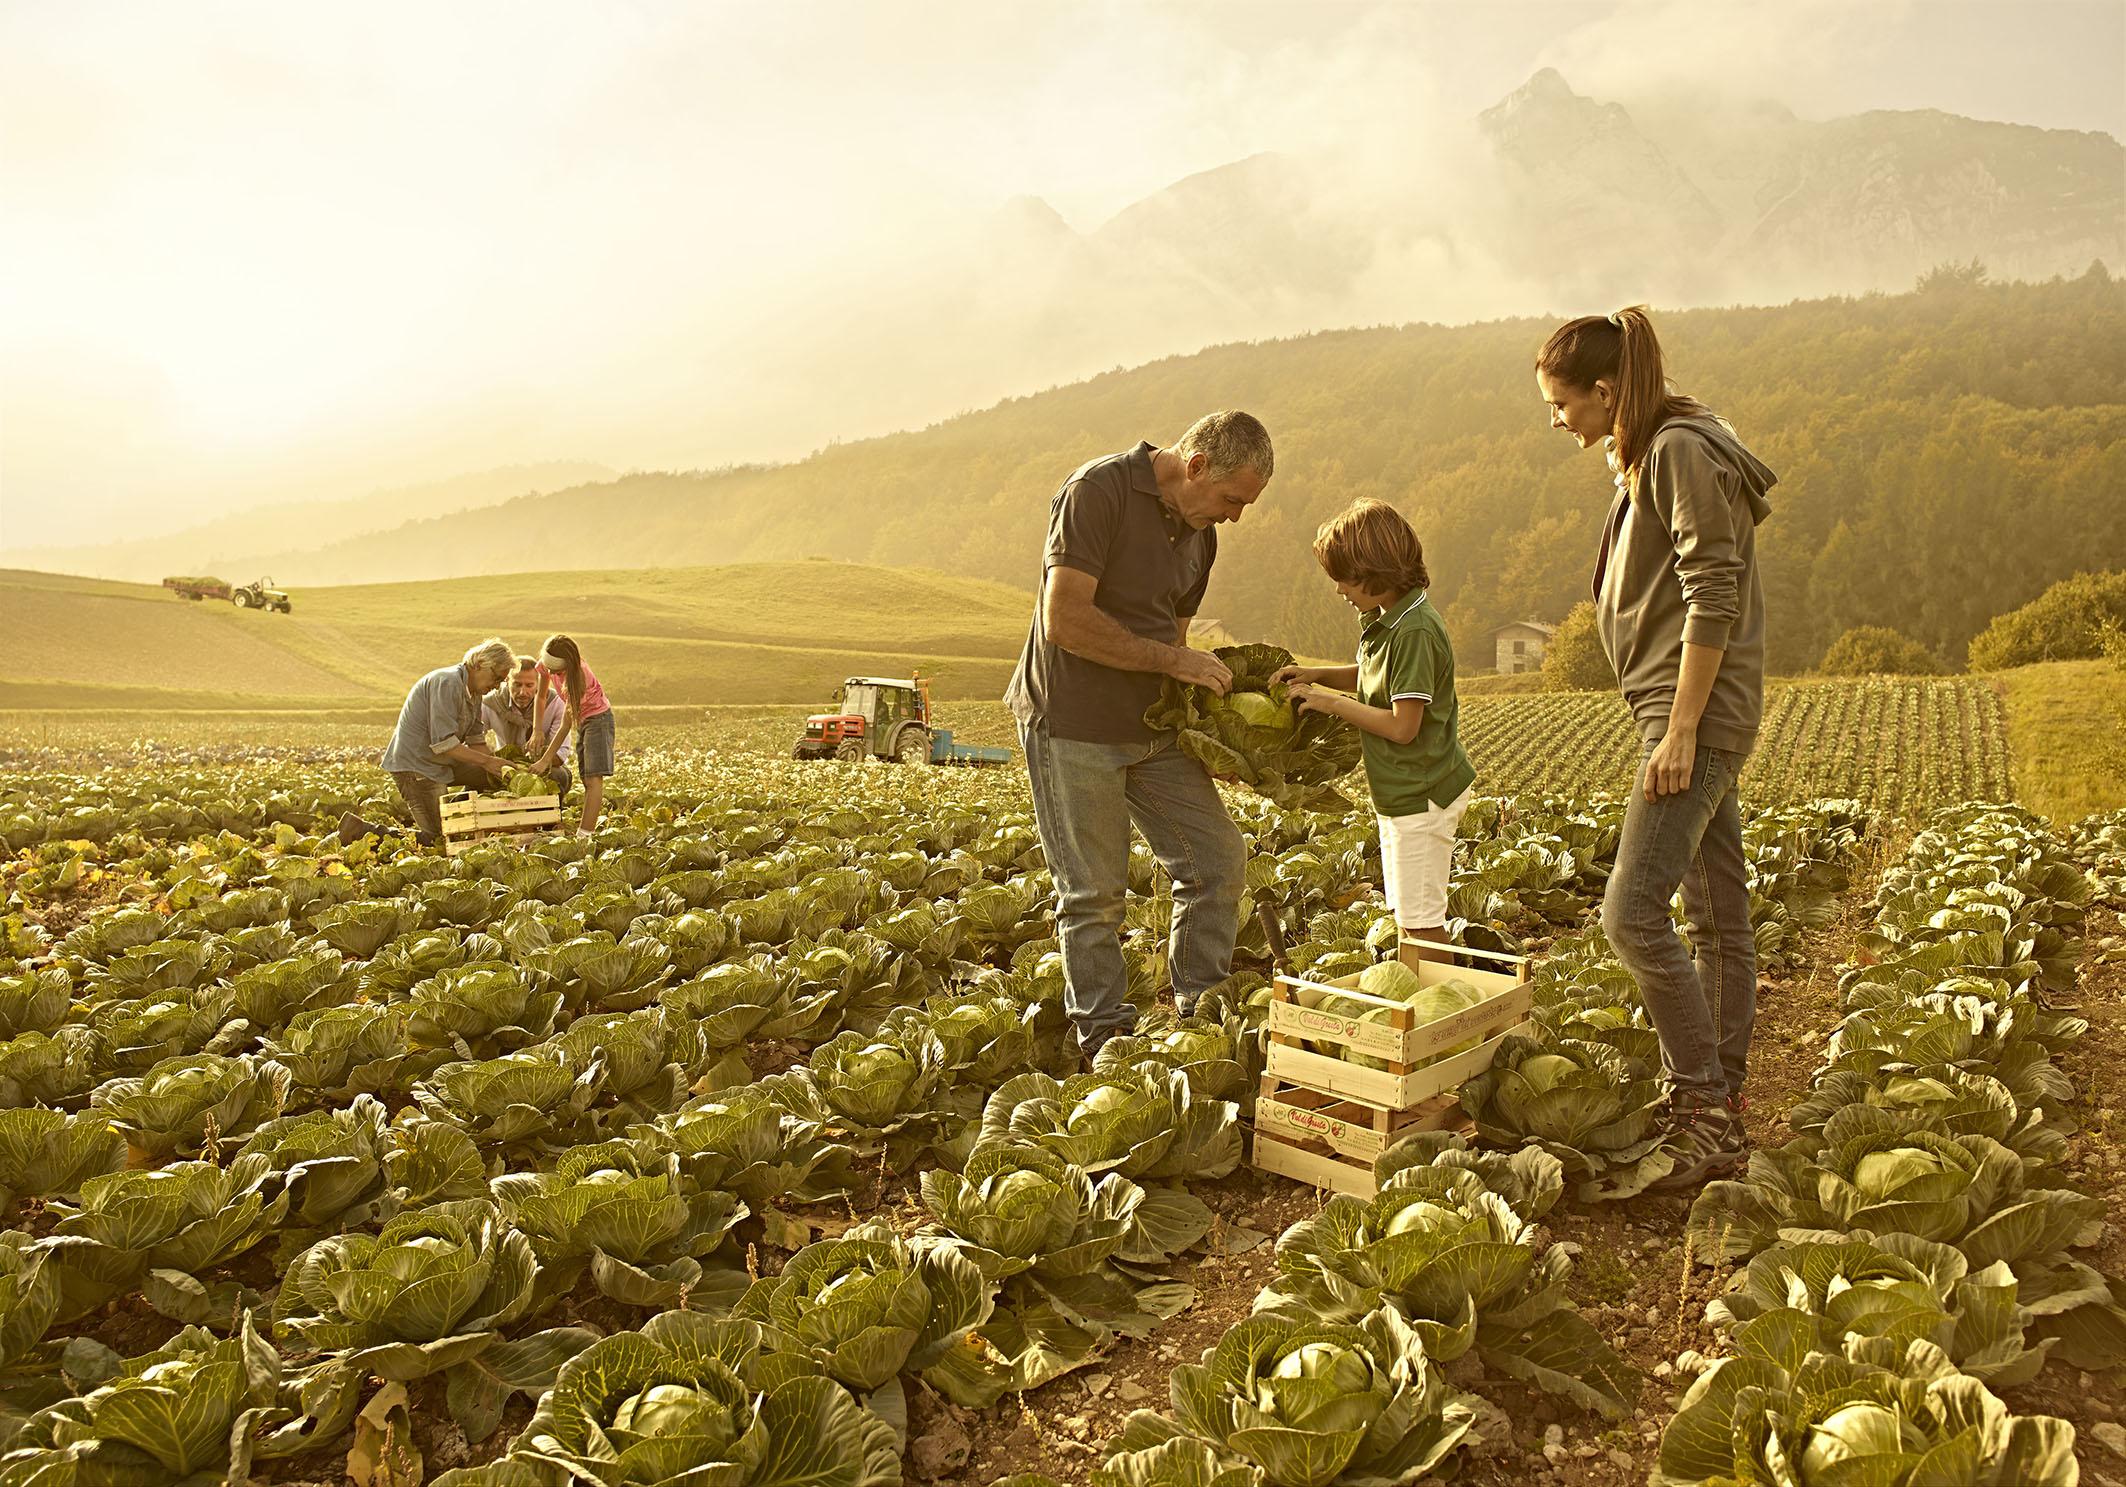 Il sistema di consulenza aziendale in agricoltura: prospettive ed opportunità per il sistema agroalimentare e per le imprese delle aree rurali in Regione Campania